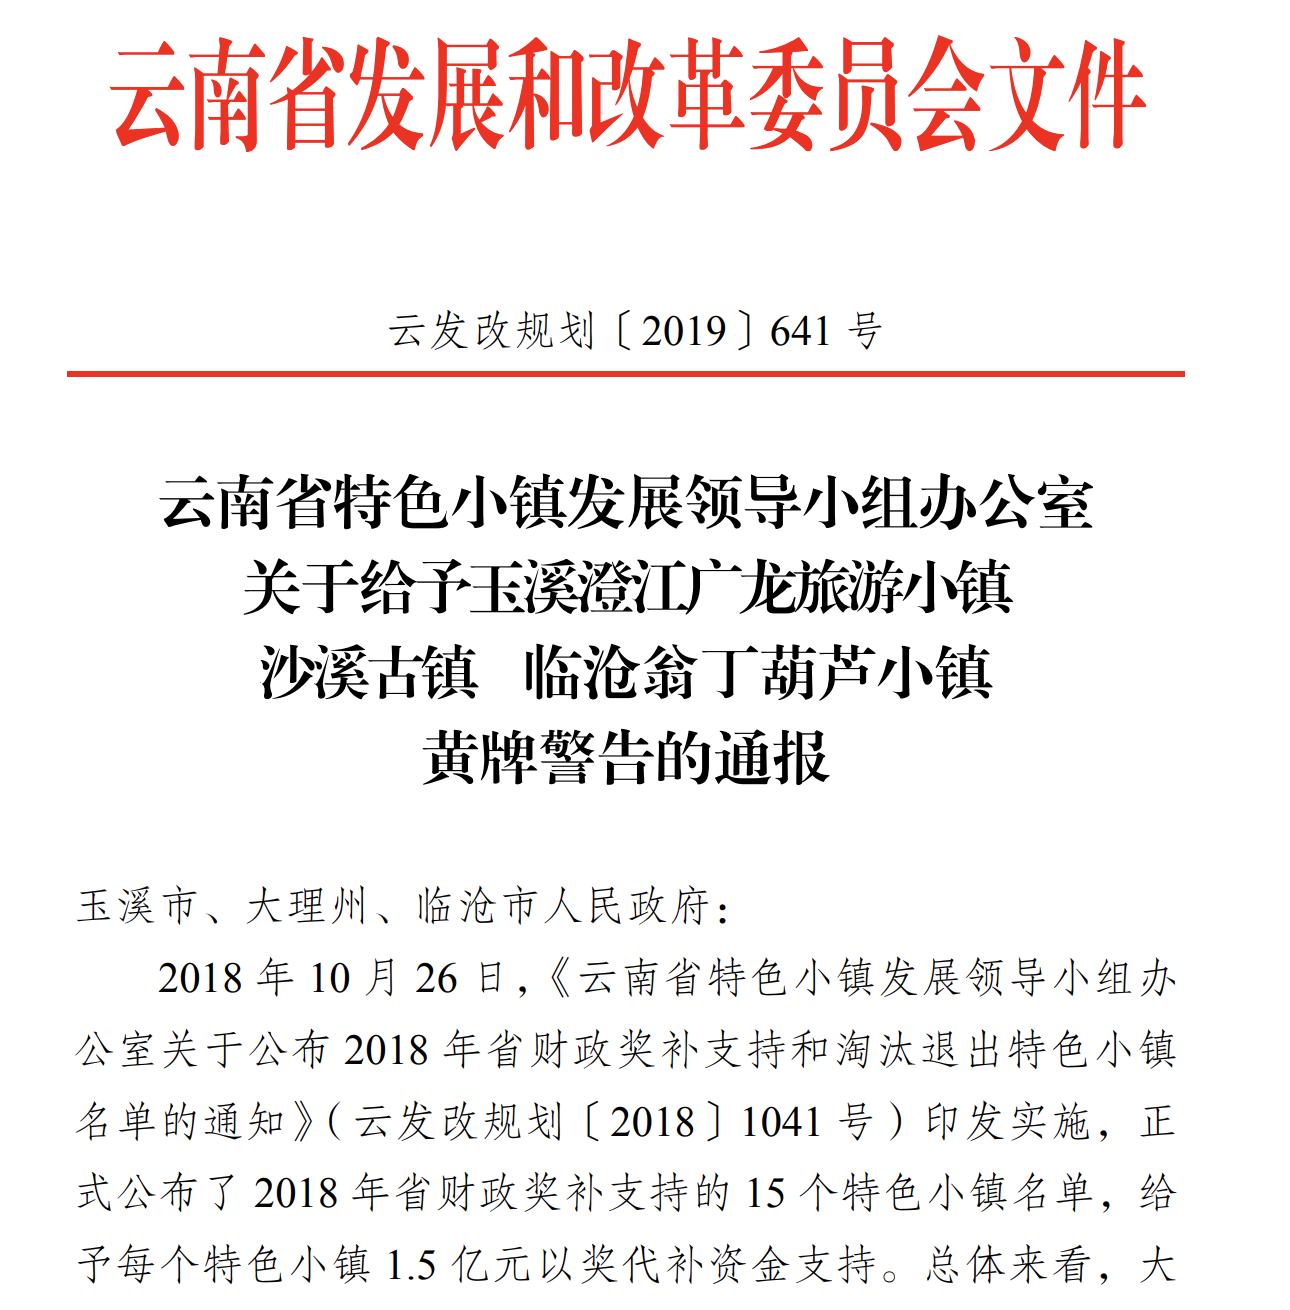 http://www.23427.site/dushuxuexi/17937.html